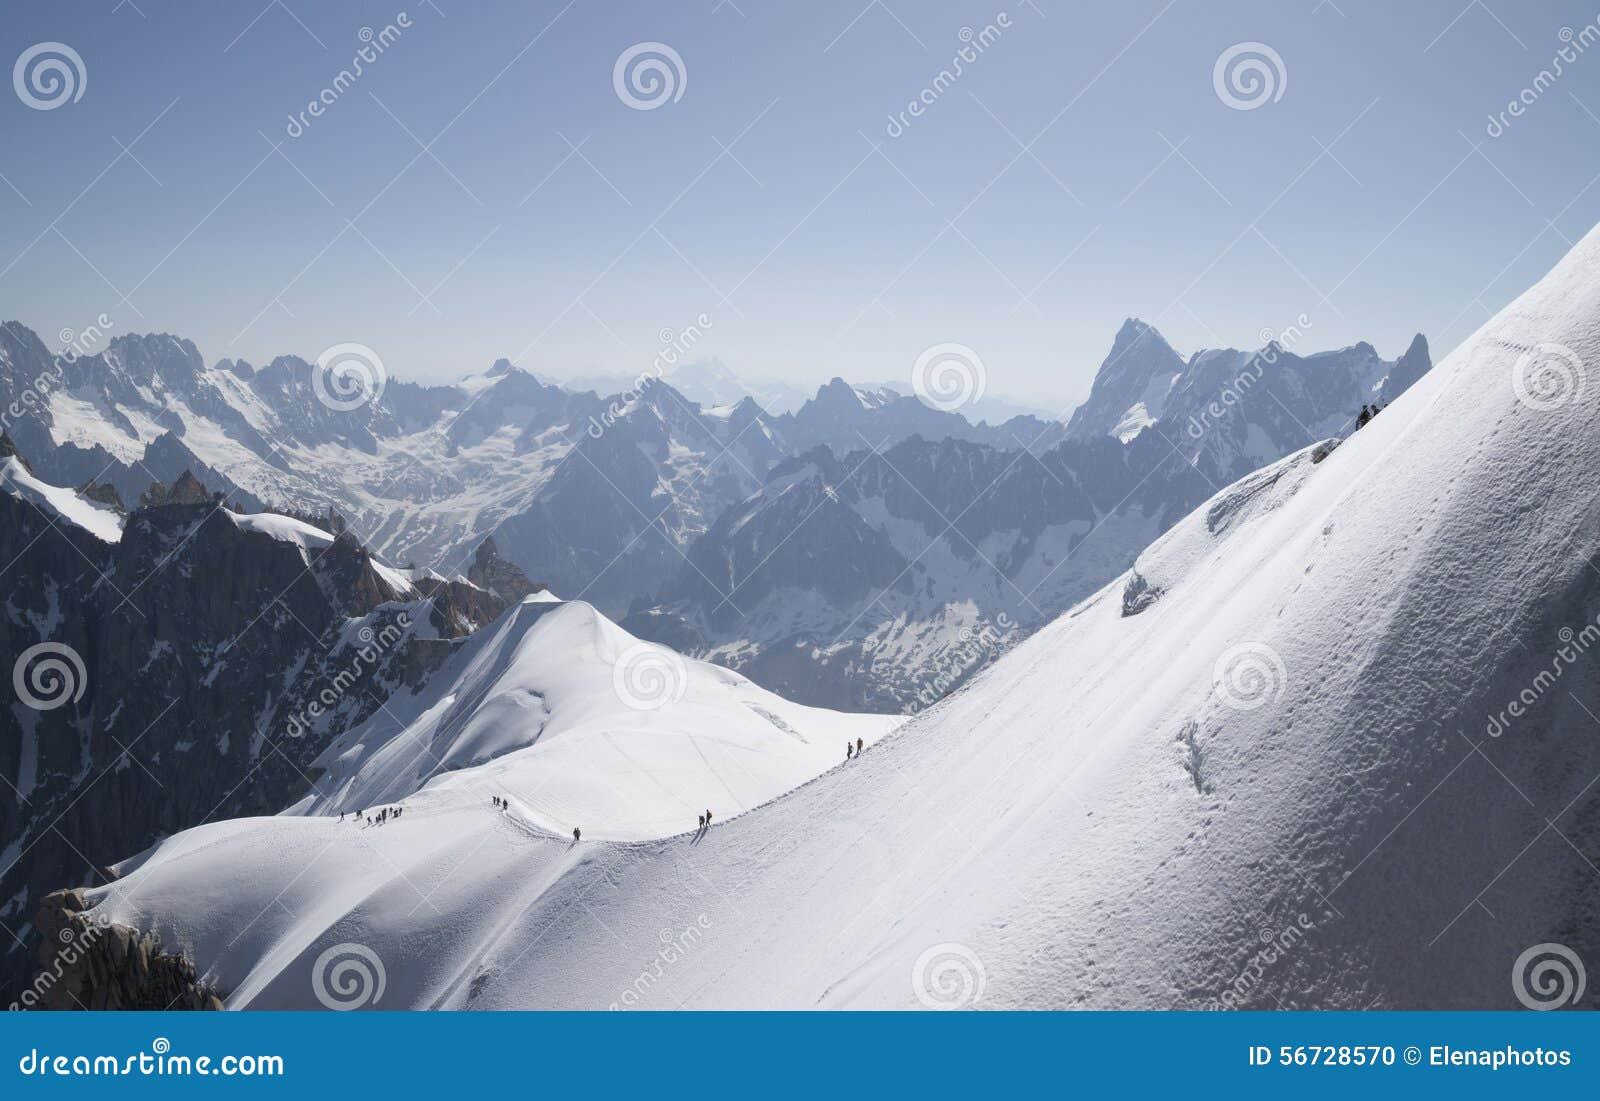 Aiguille du Midi, Mont Blanc-massief, Franse Alpen